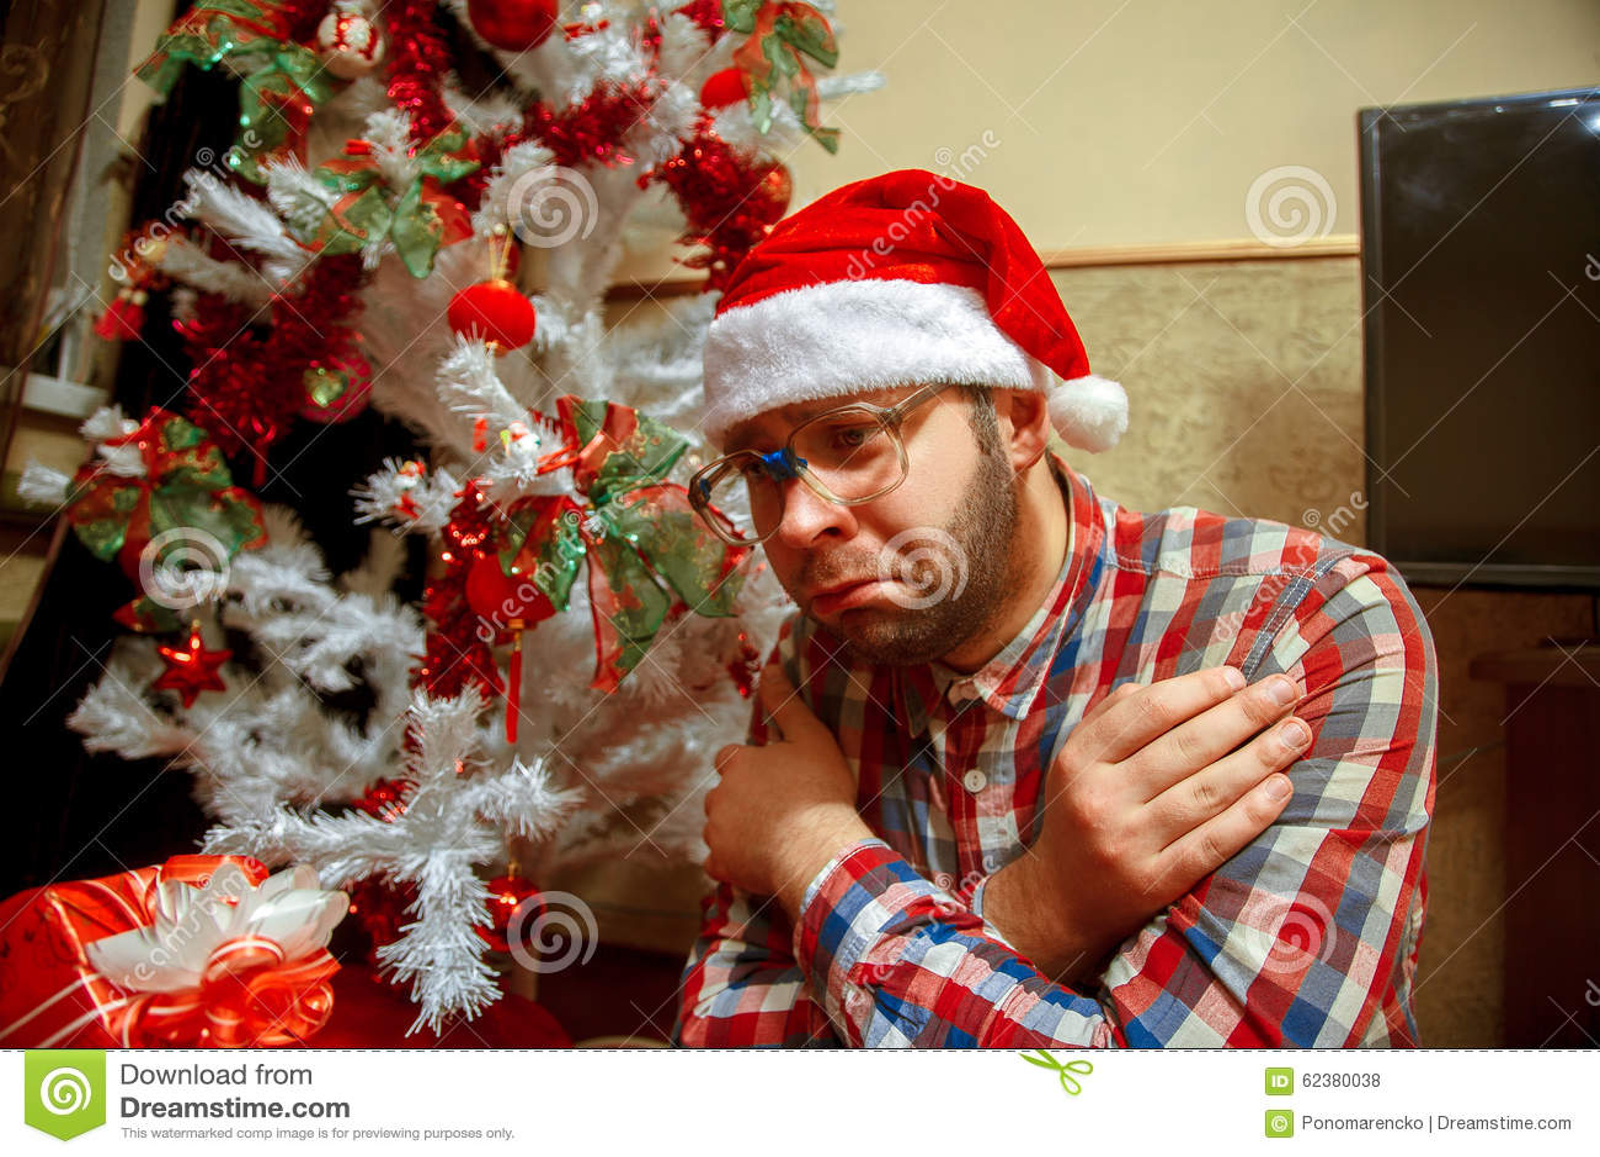 Alone On Christmas.Sad Nerd Celebrates Christmas Alone Stock Photo Image Of